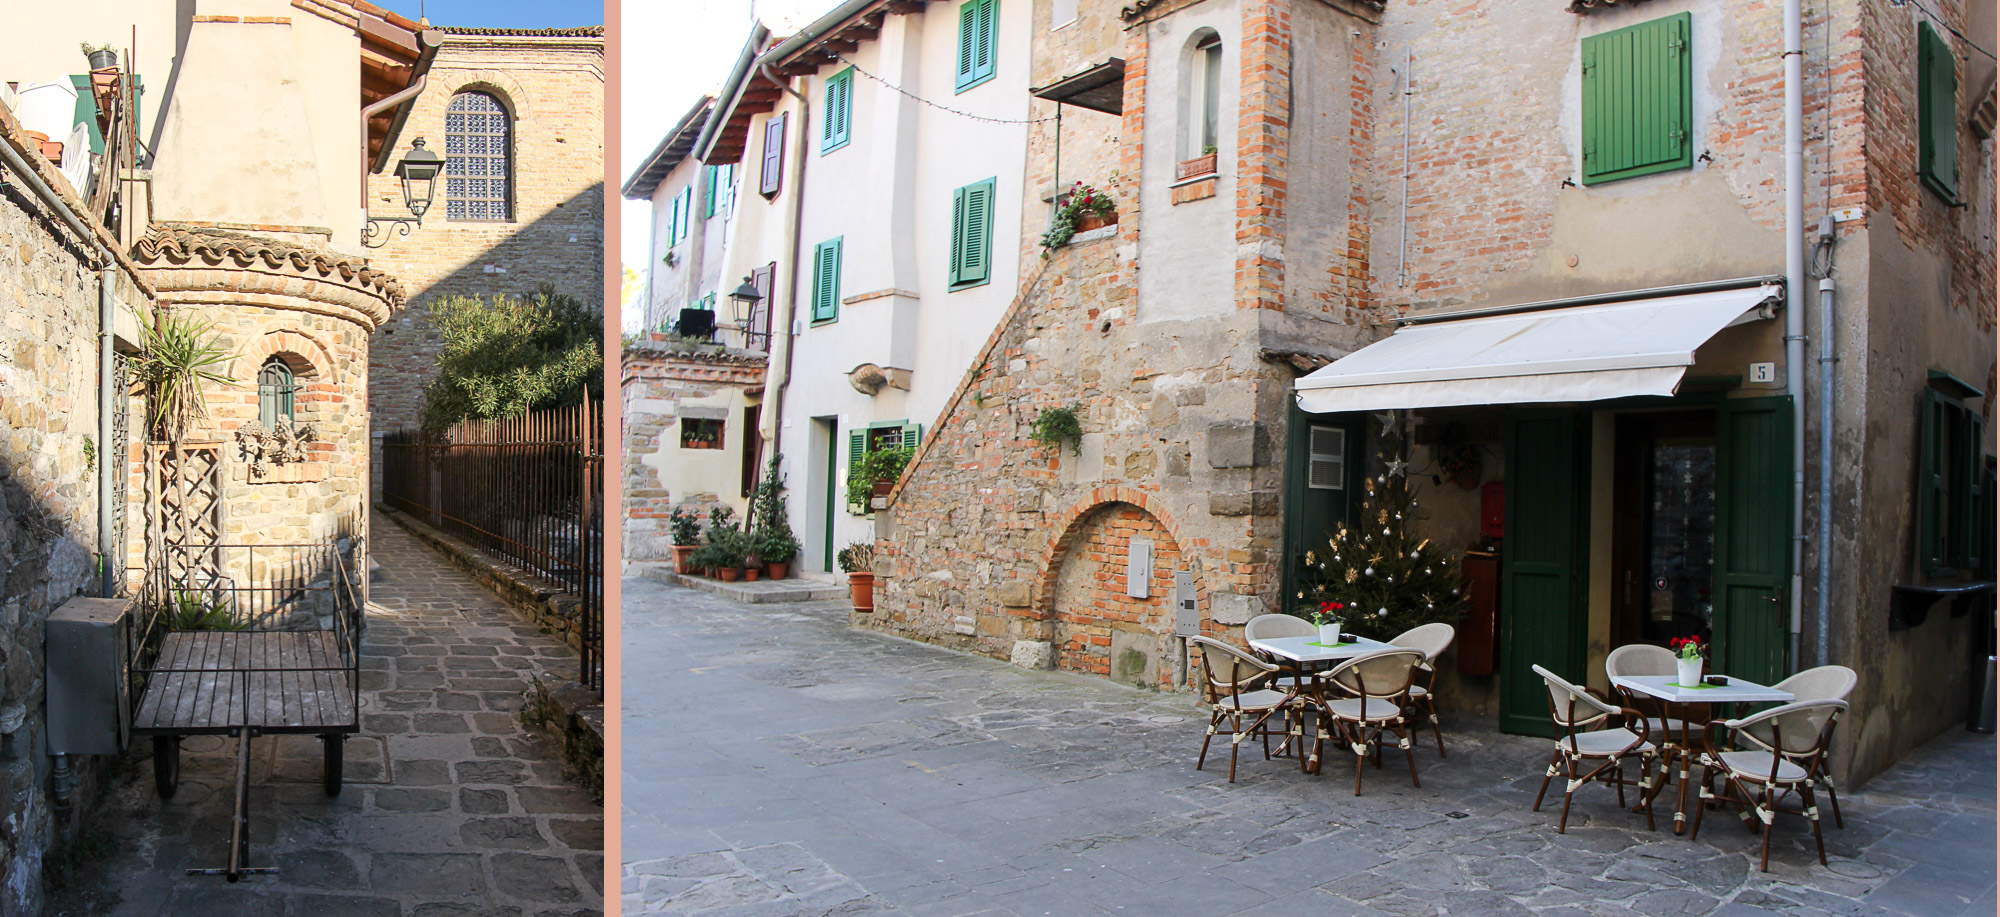 TRAVEL Grado - Isola del Sole, Miss Classy, Mister Classy, Travelblog, Travelblogger, Austria, Graz, Grado, Grado Pineta, Italien, Italy, Reise, Travel, Travel the World, Wayfarer, Wanderlust, Meer, Relax